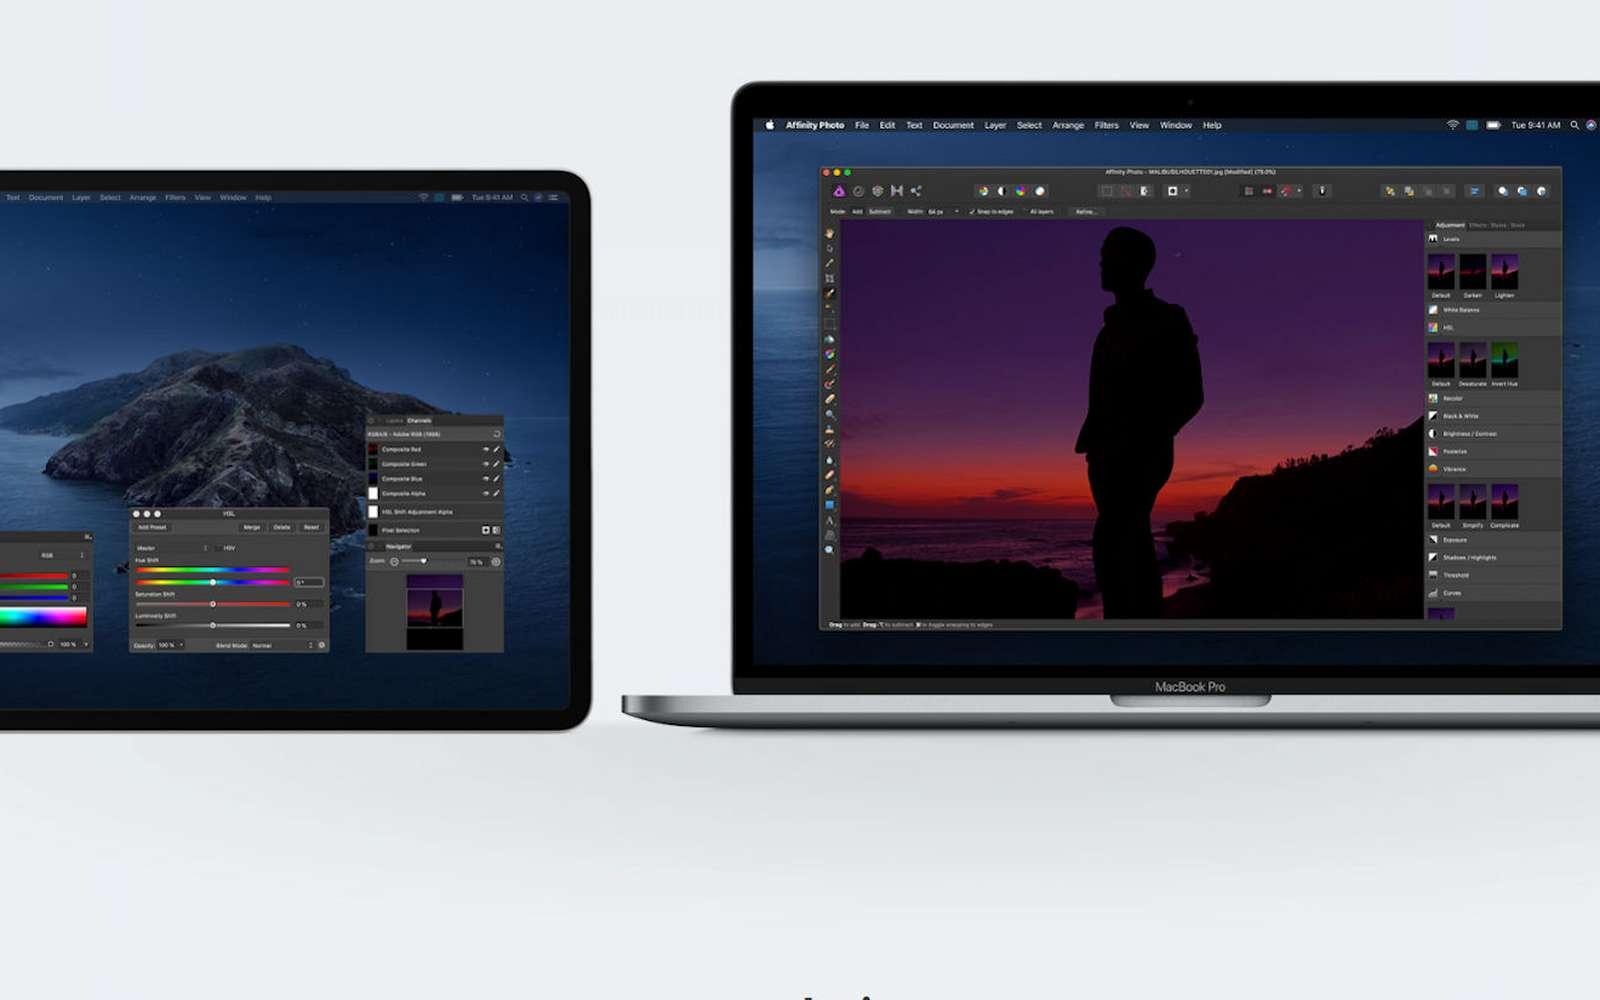 La très bonne idée de Catalina, c'est la possibilité d'utiliser son iPad comme second écran. © Apple